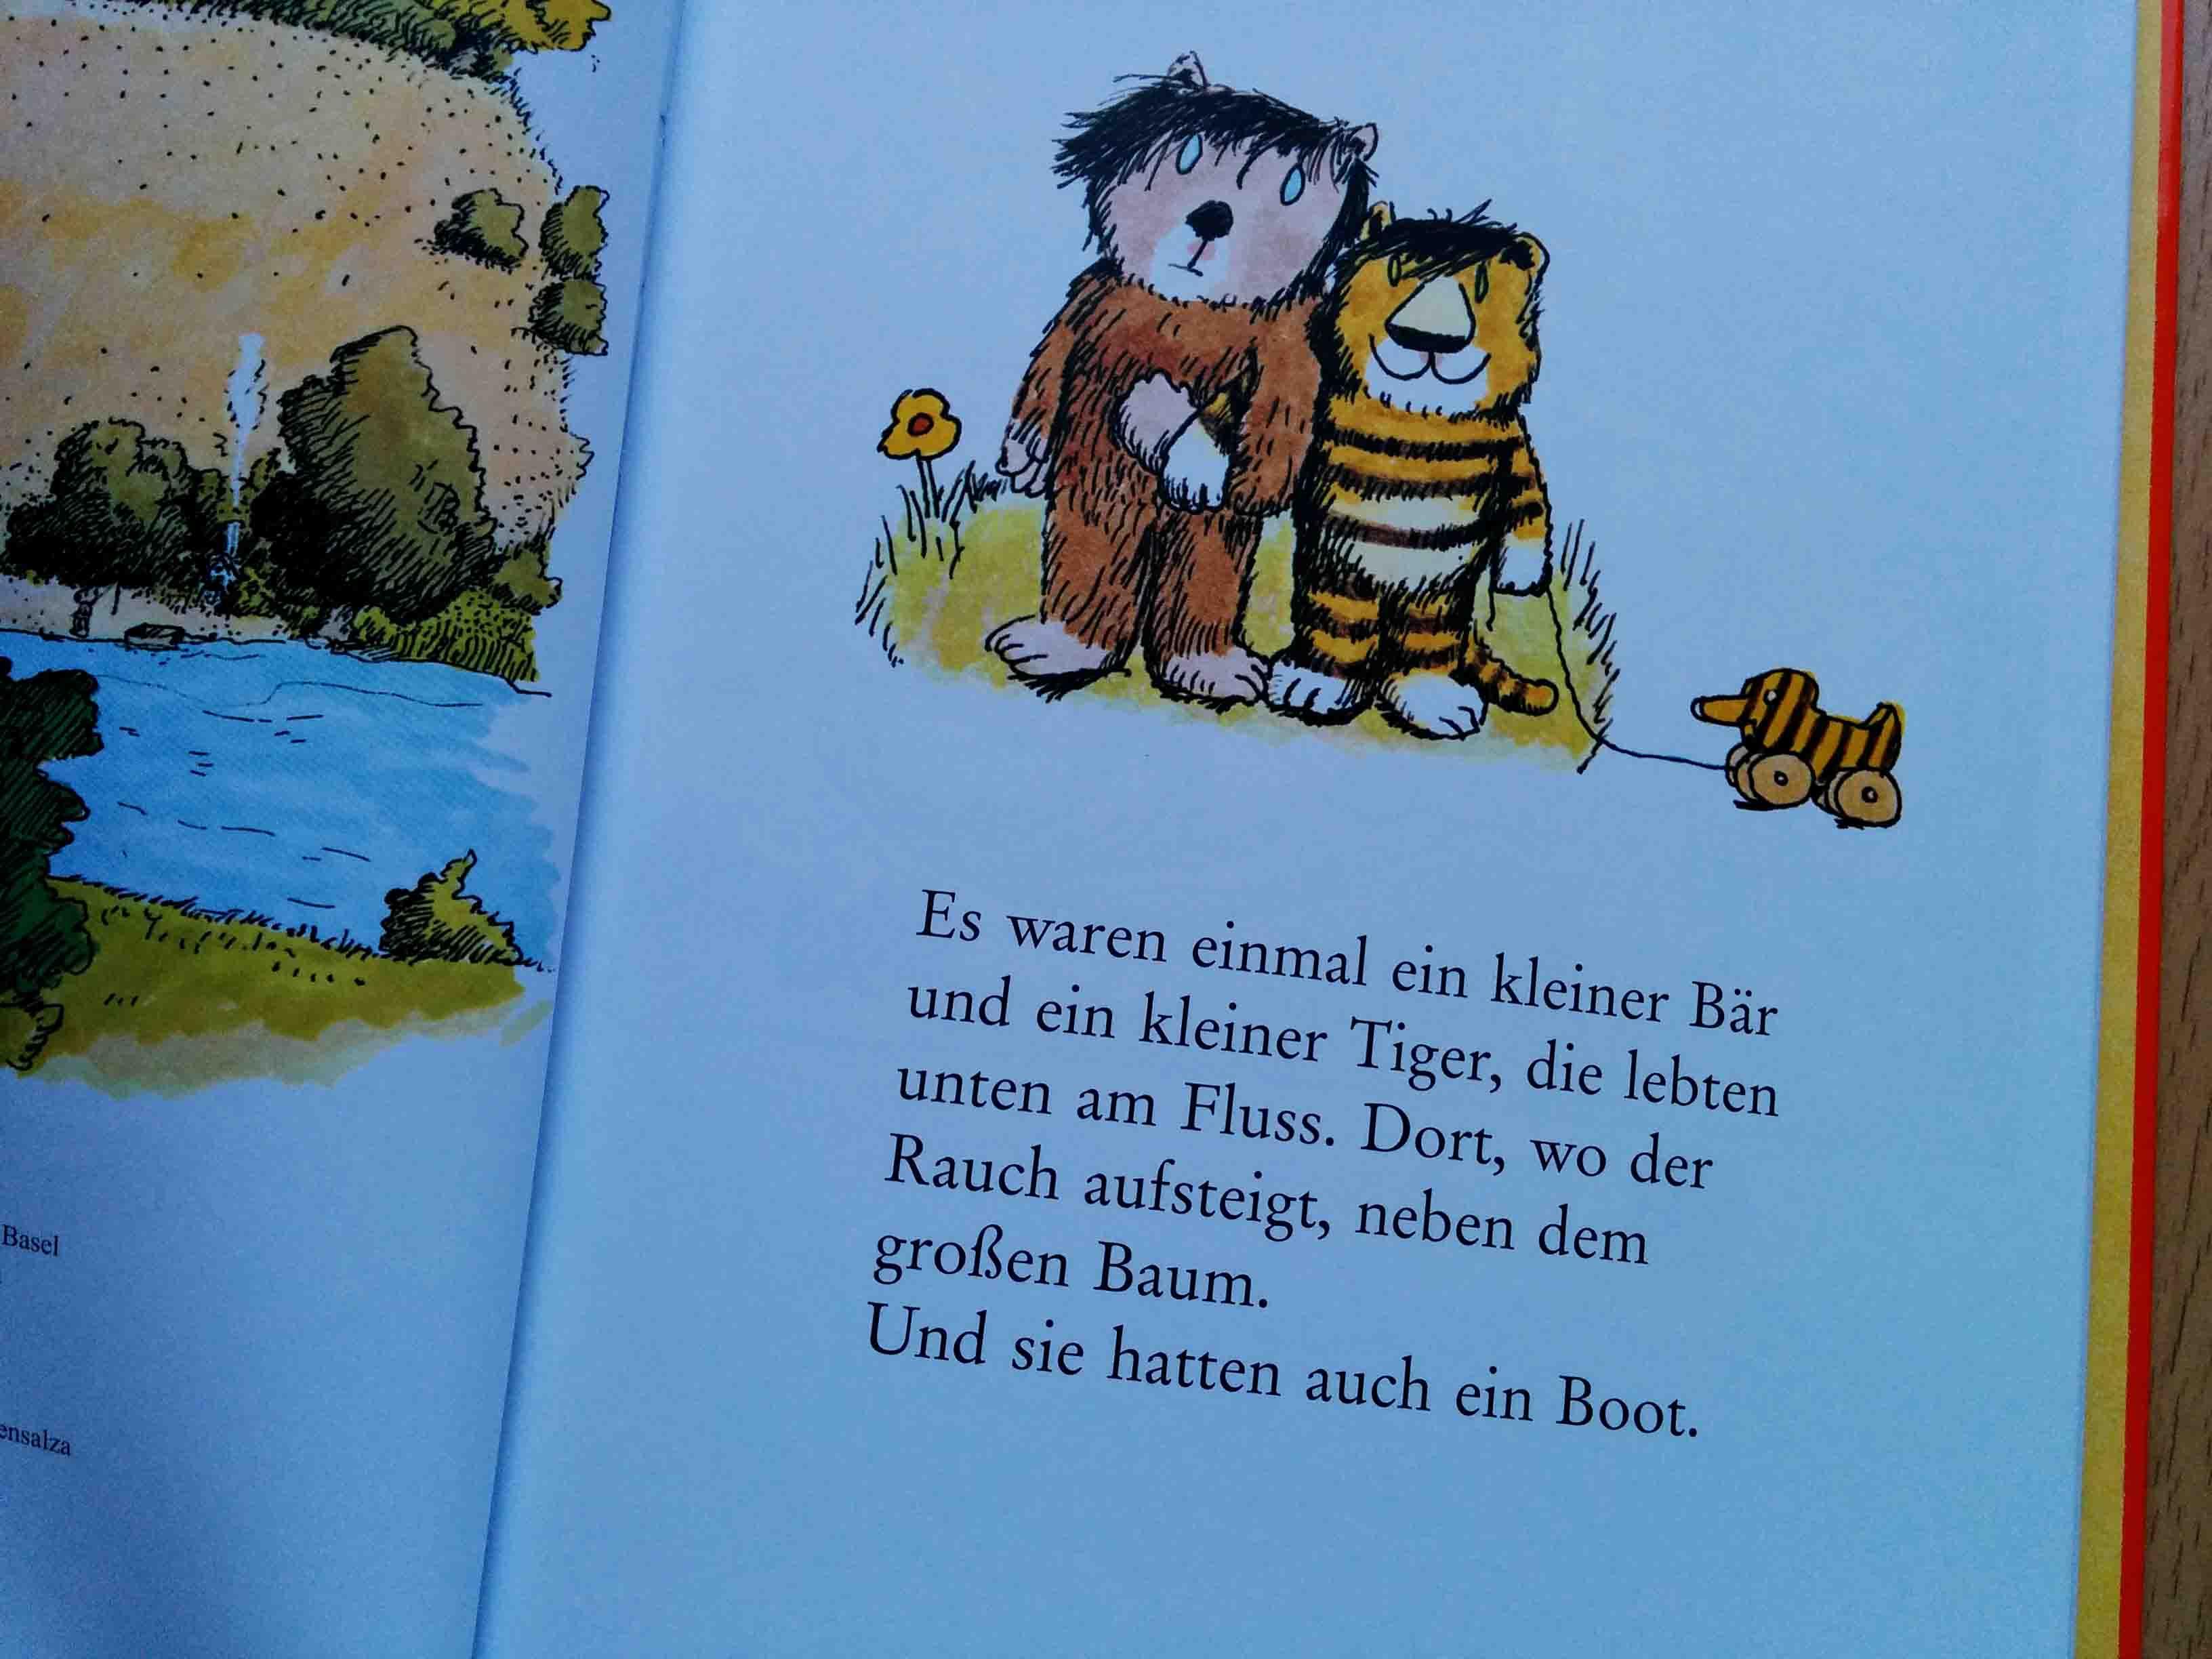 Der kleine Tiger und der kleine Bär sind bescheiden und glücklich mit dem, was sie haben. Was sie vor allem haben: Sich gegenseitig.